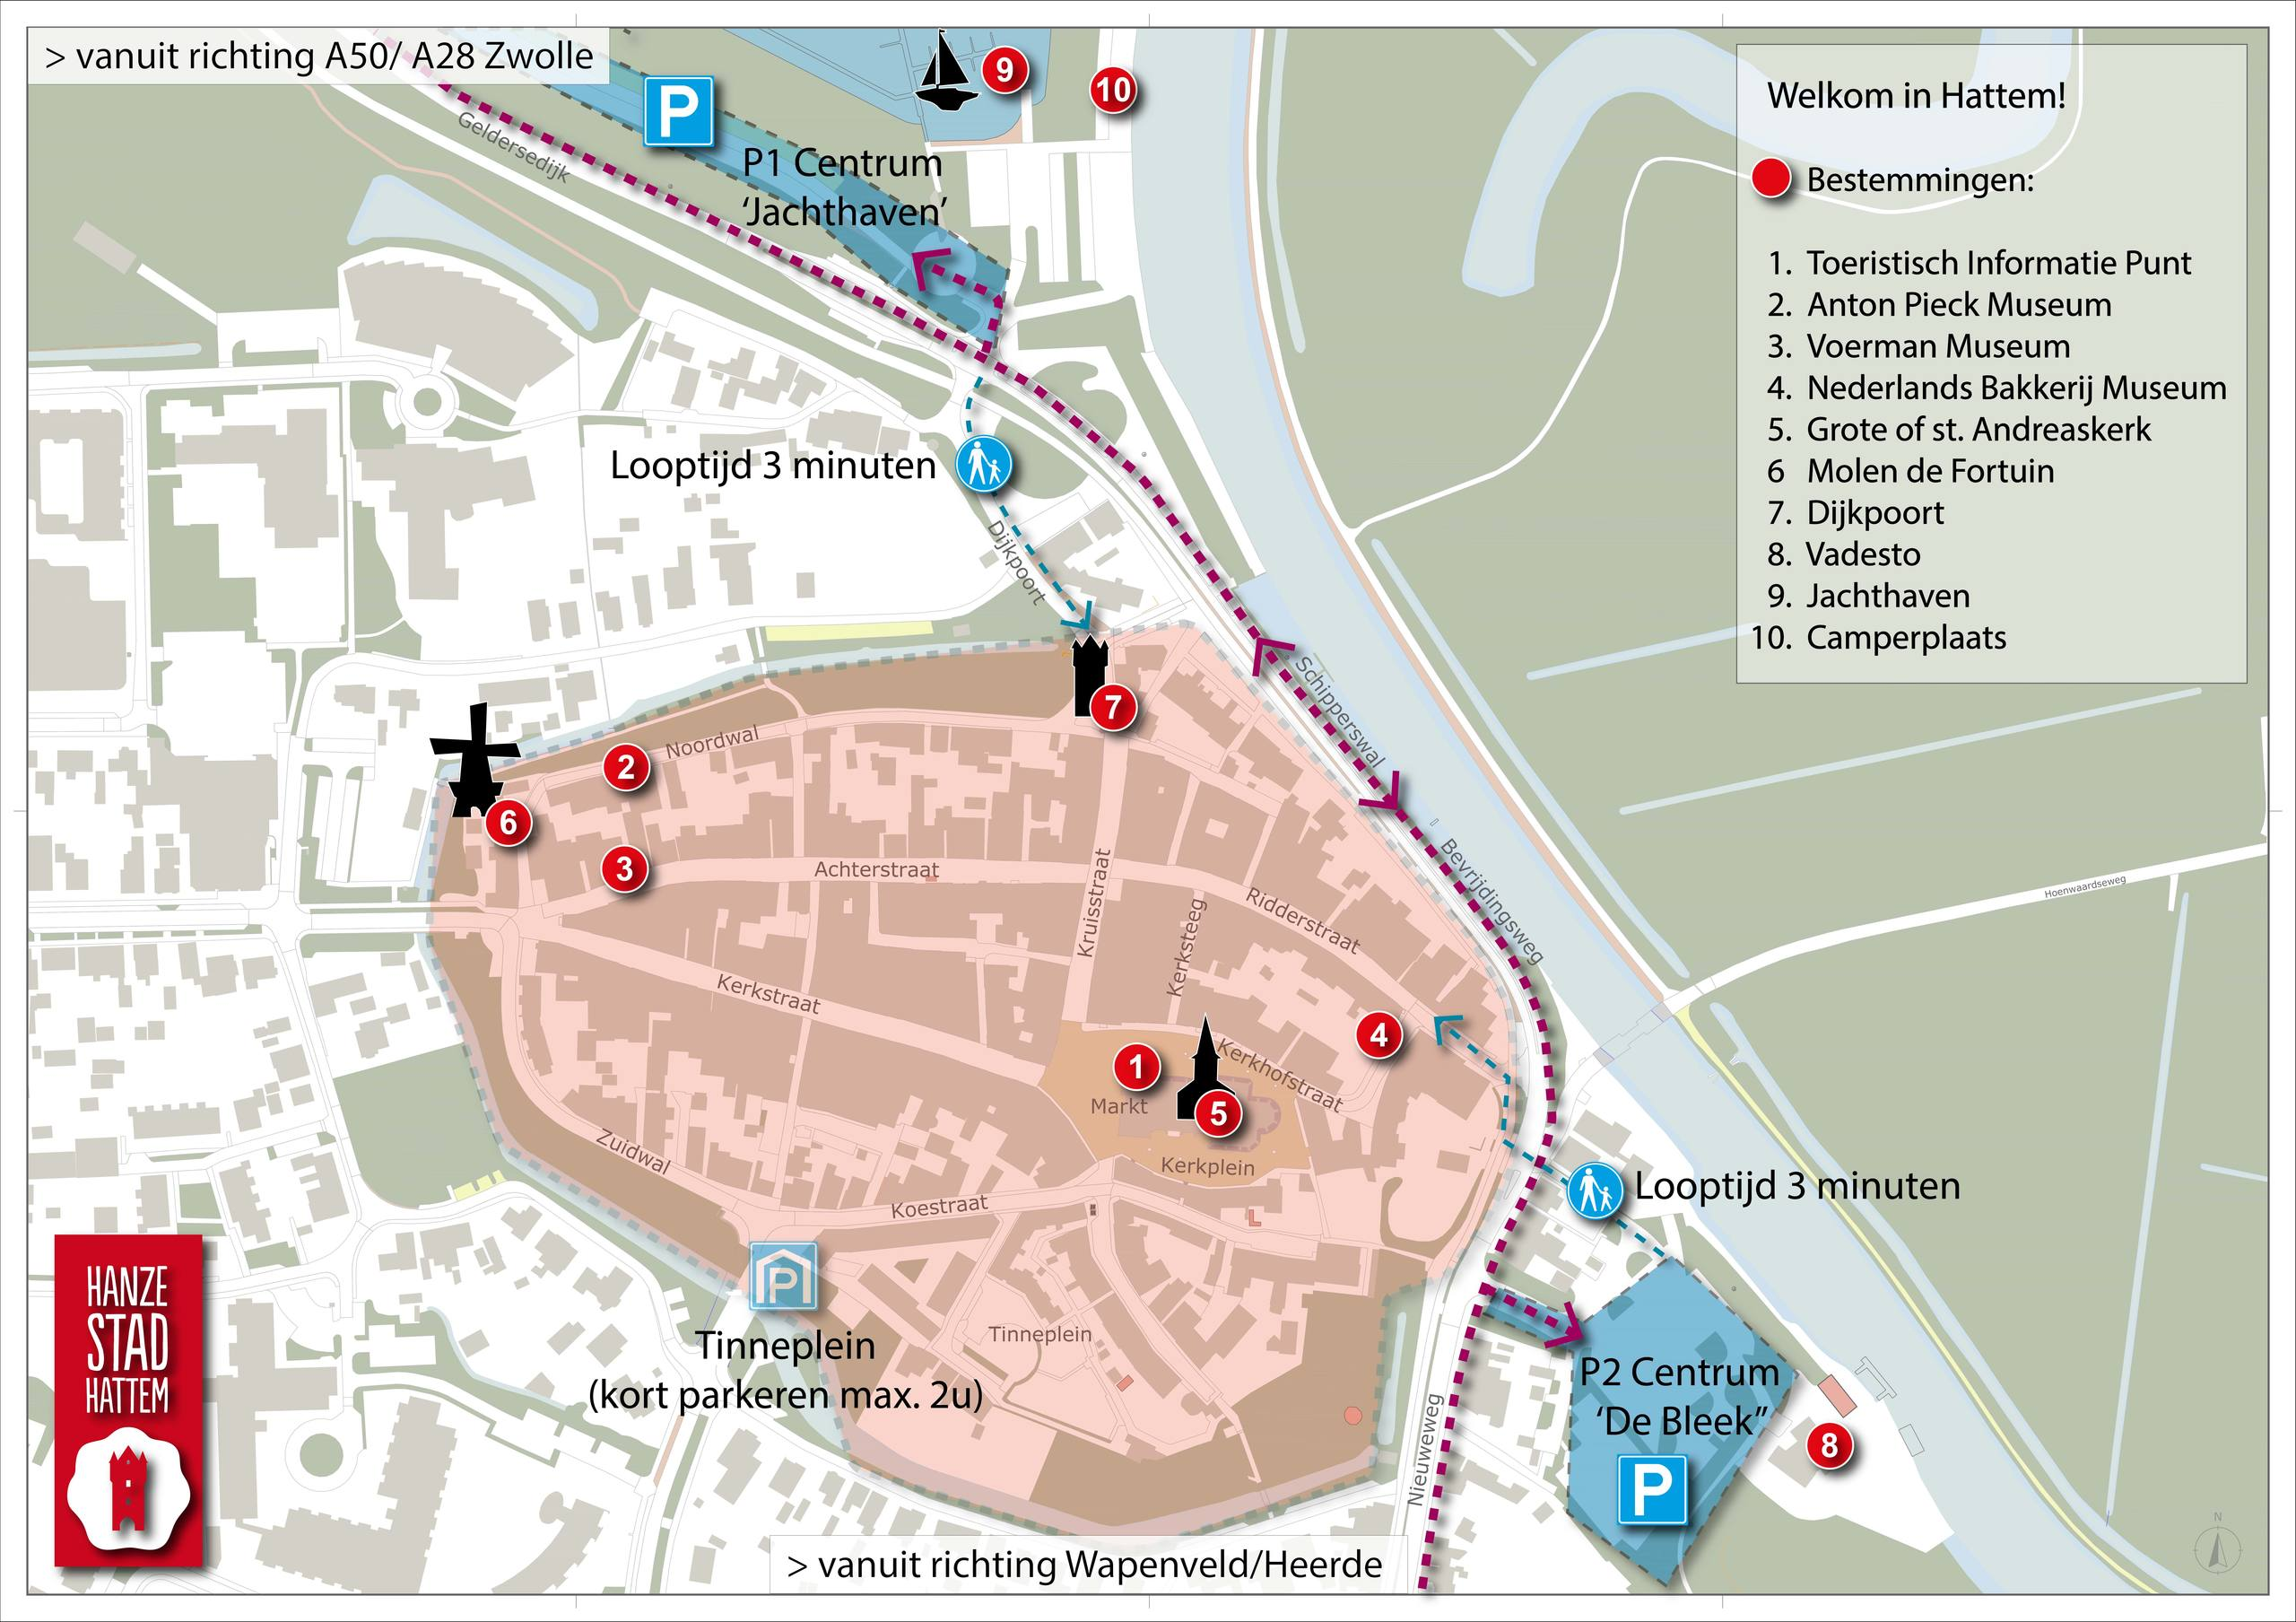 Een kaart van het centrum van Hattem, met daarop de parkeerplaatsen rondom het centrum. En een aantal belangrijke trekpleisters in het centrum.